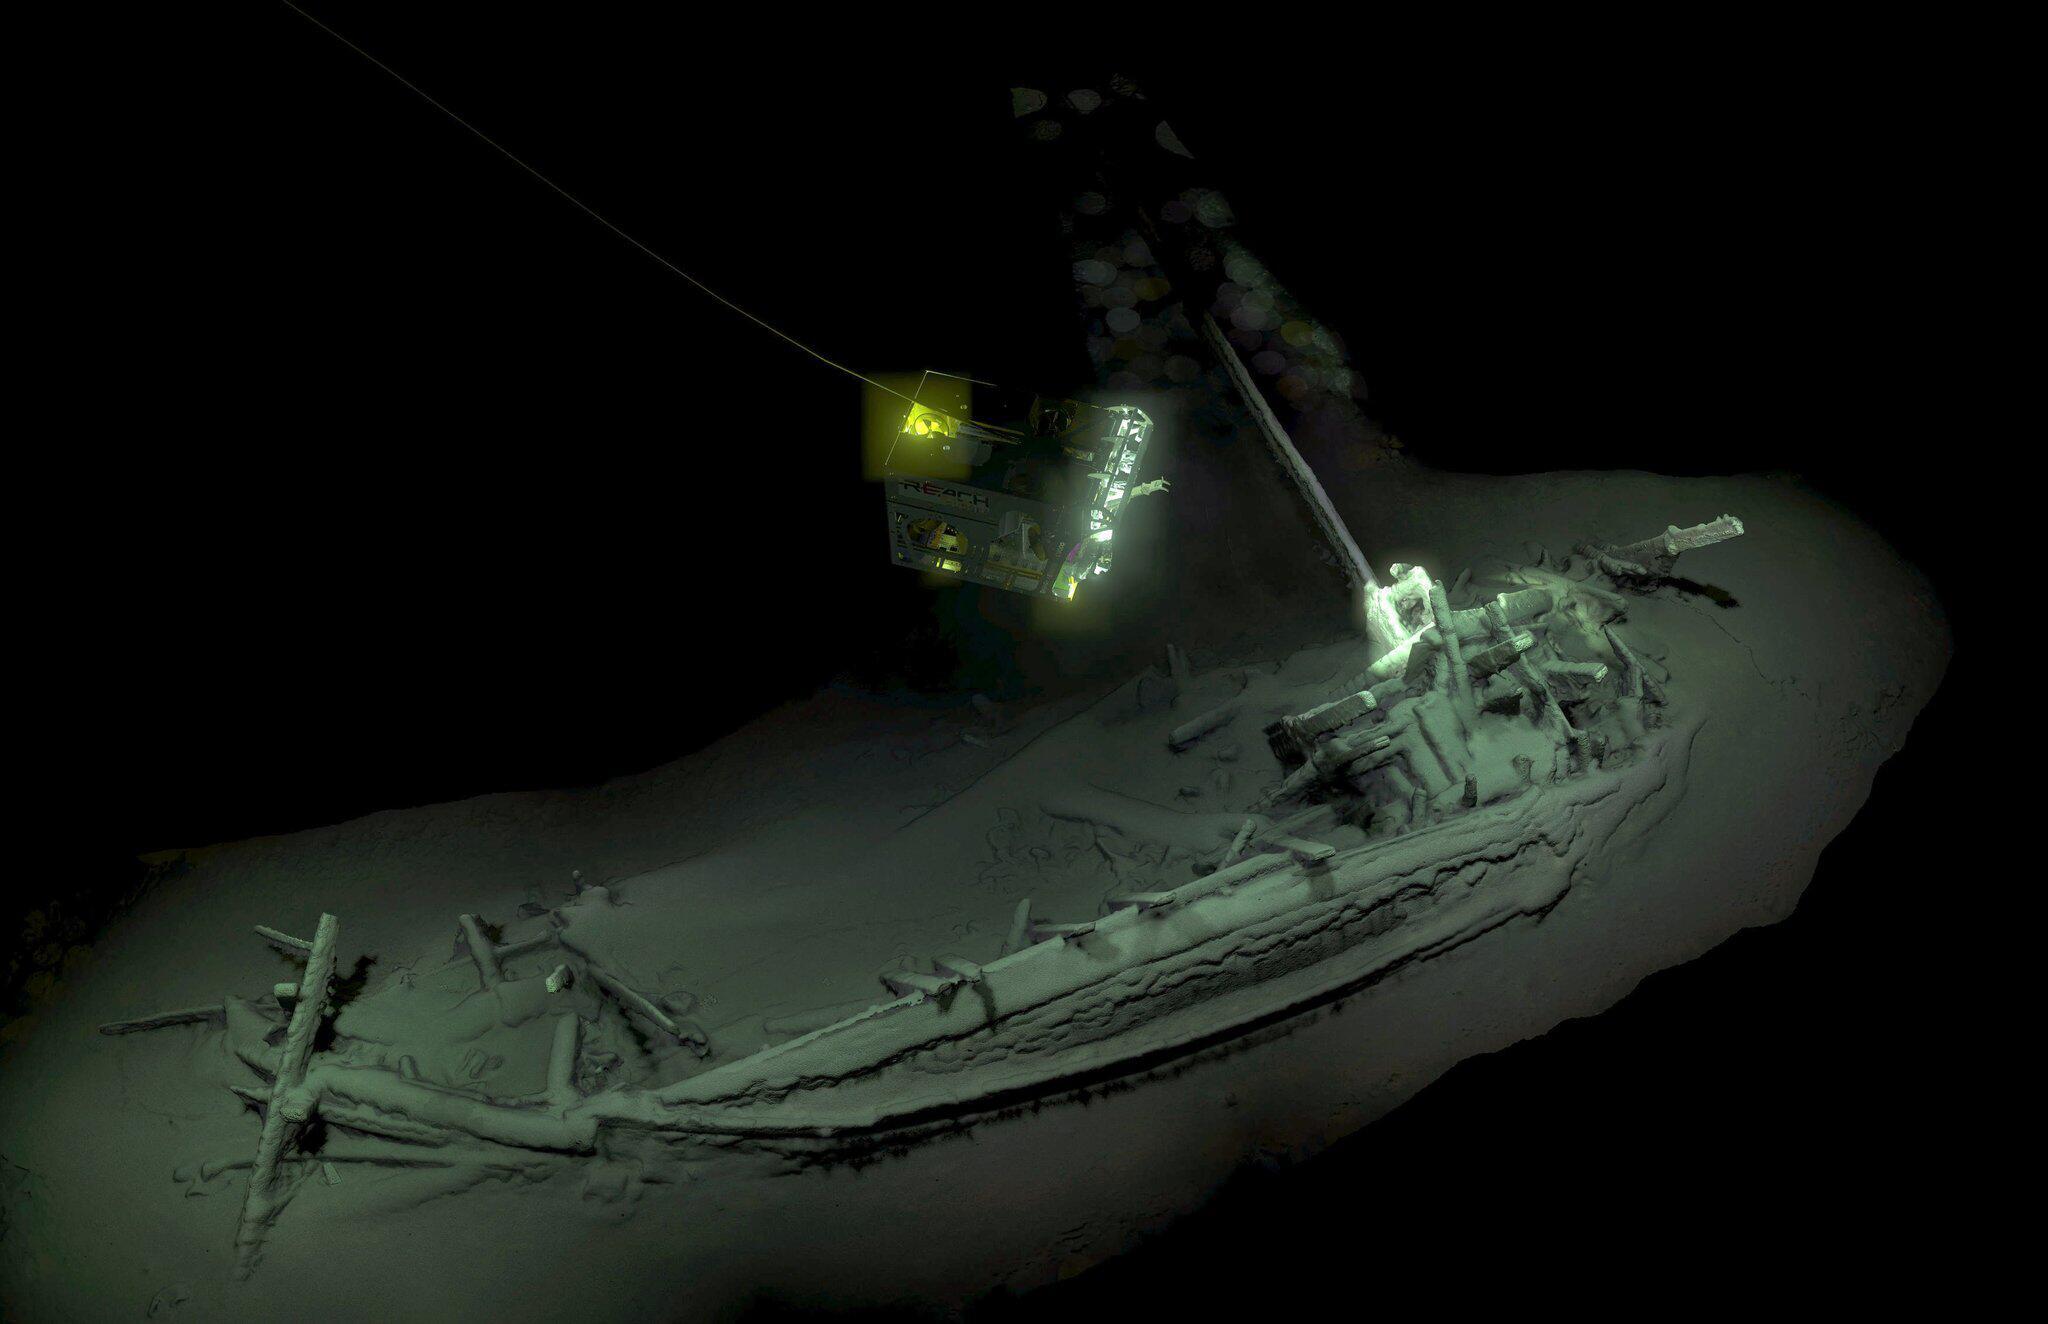 Bild zu Ältestes Schiffswrack der Welt entdeckt